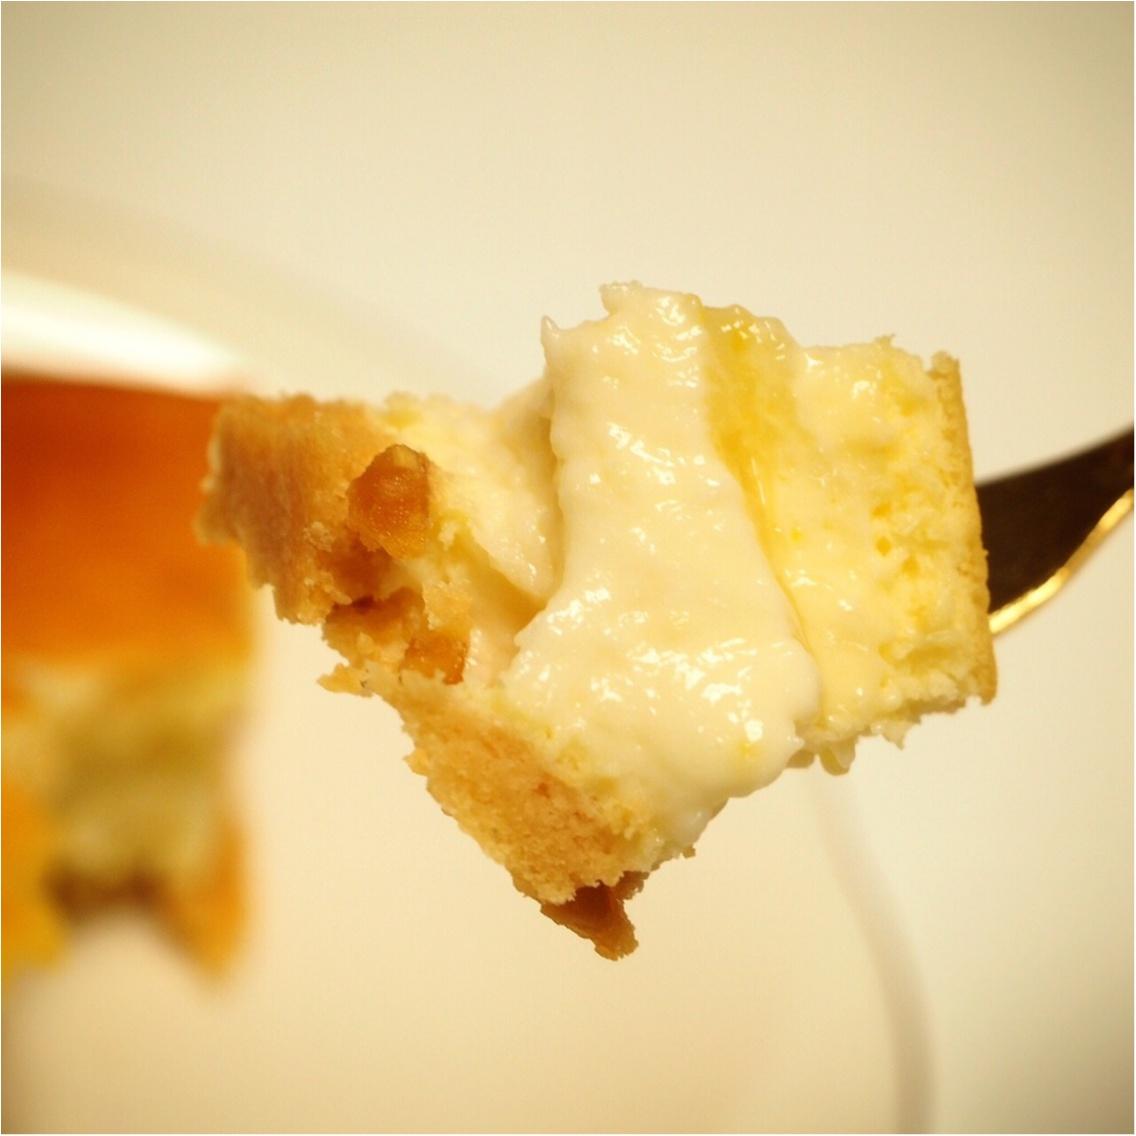 グラマシーニューヨークの期間限定チーズケーキ、もう食べた?_4